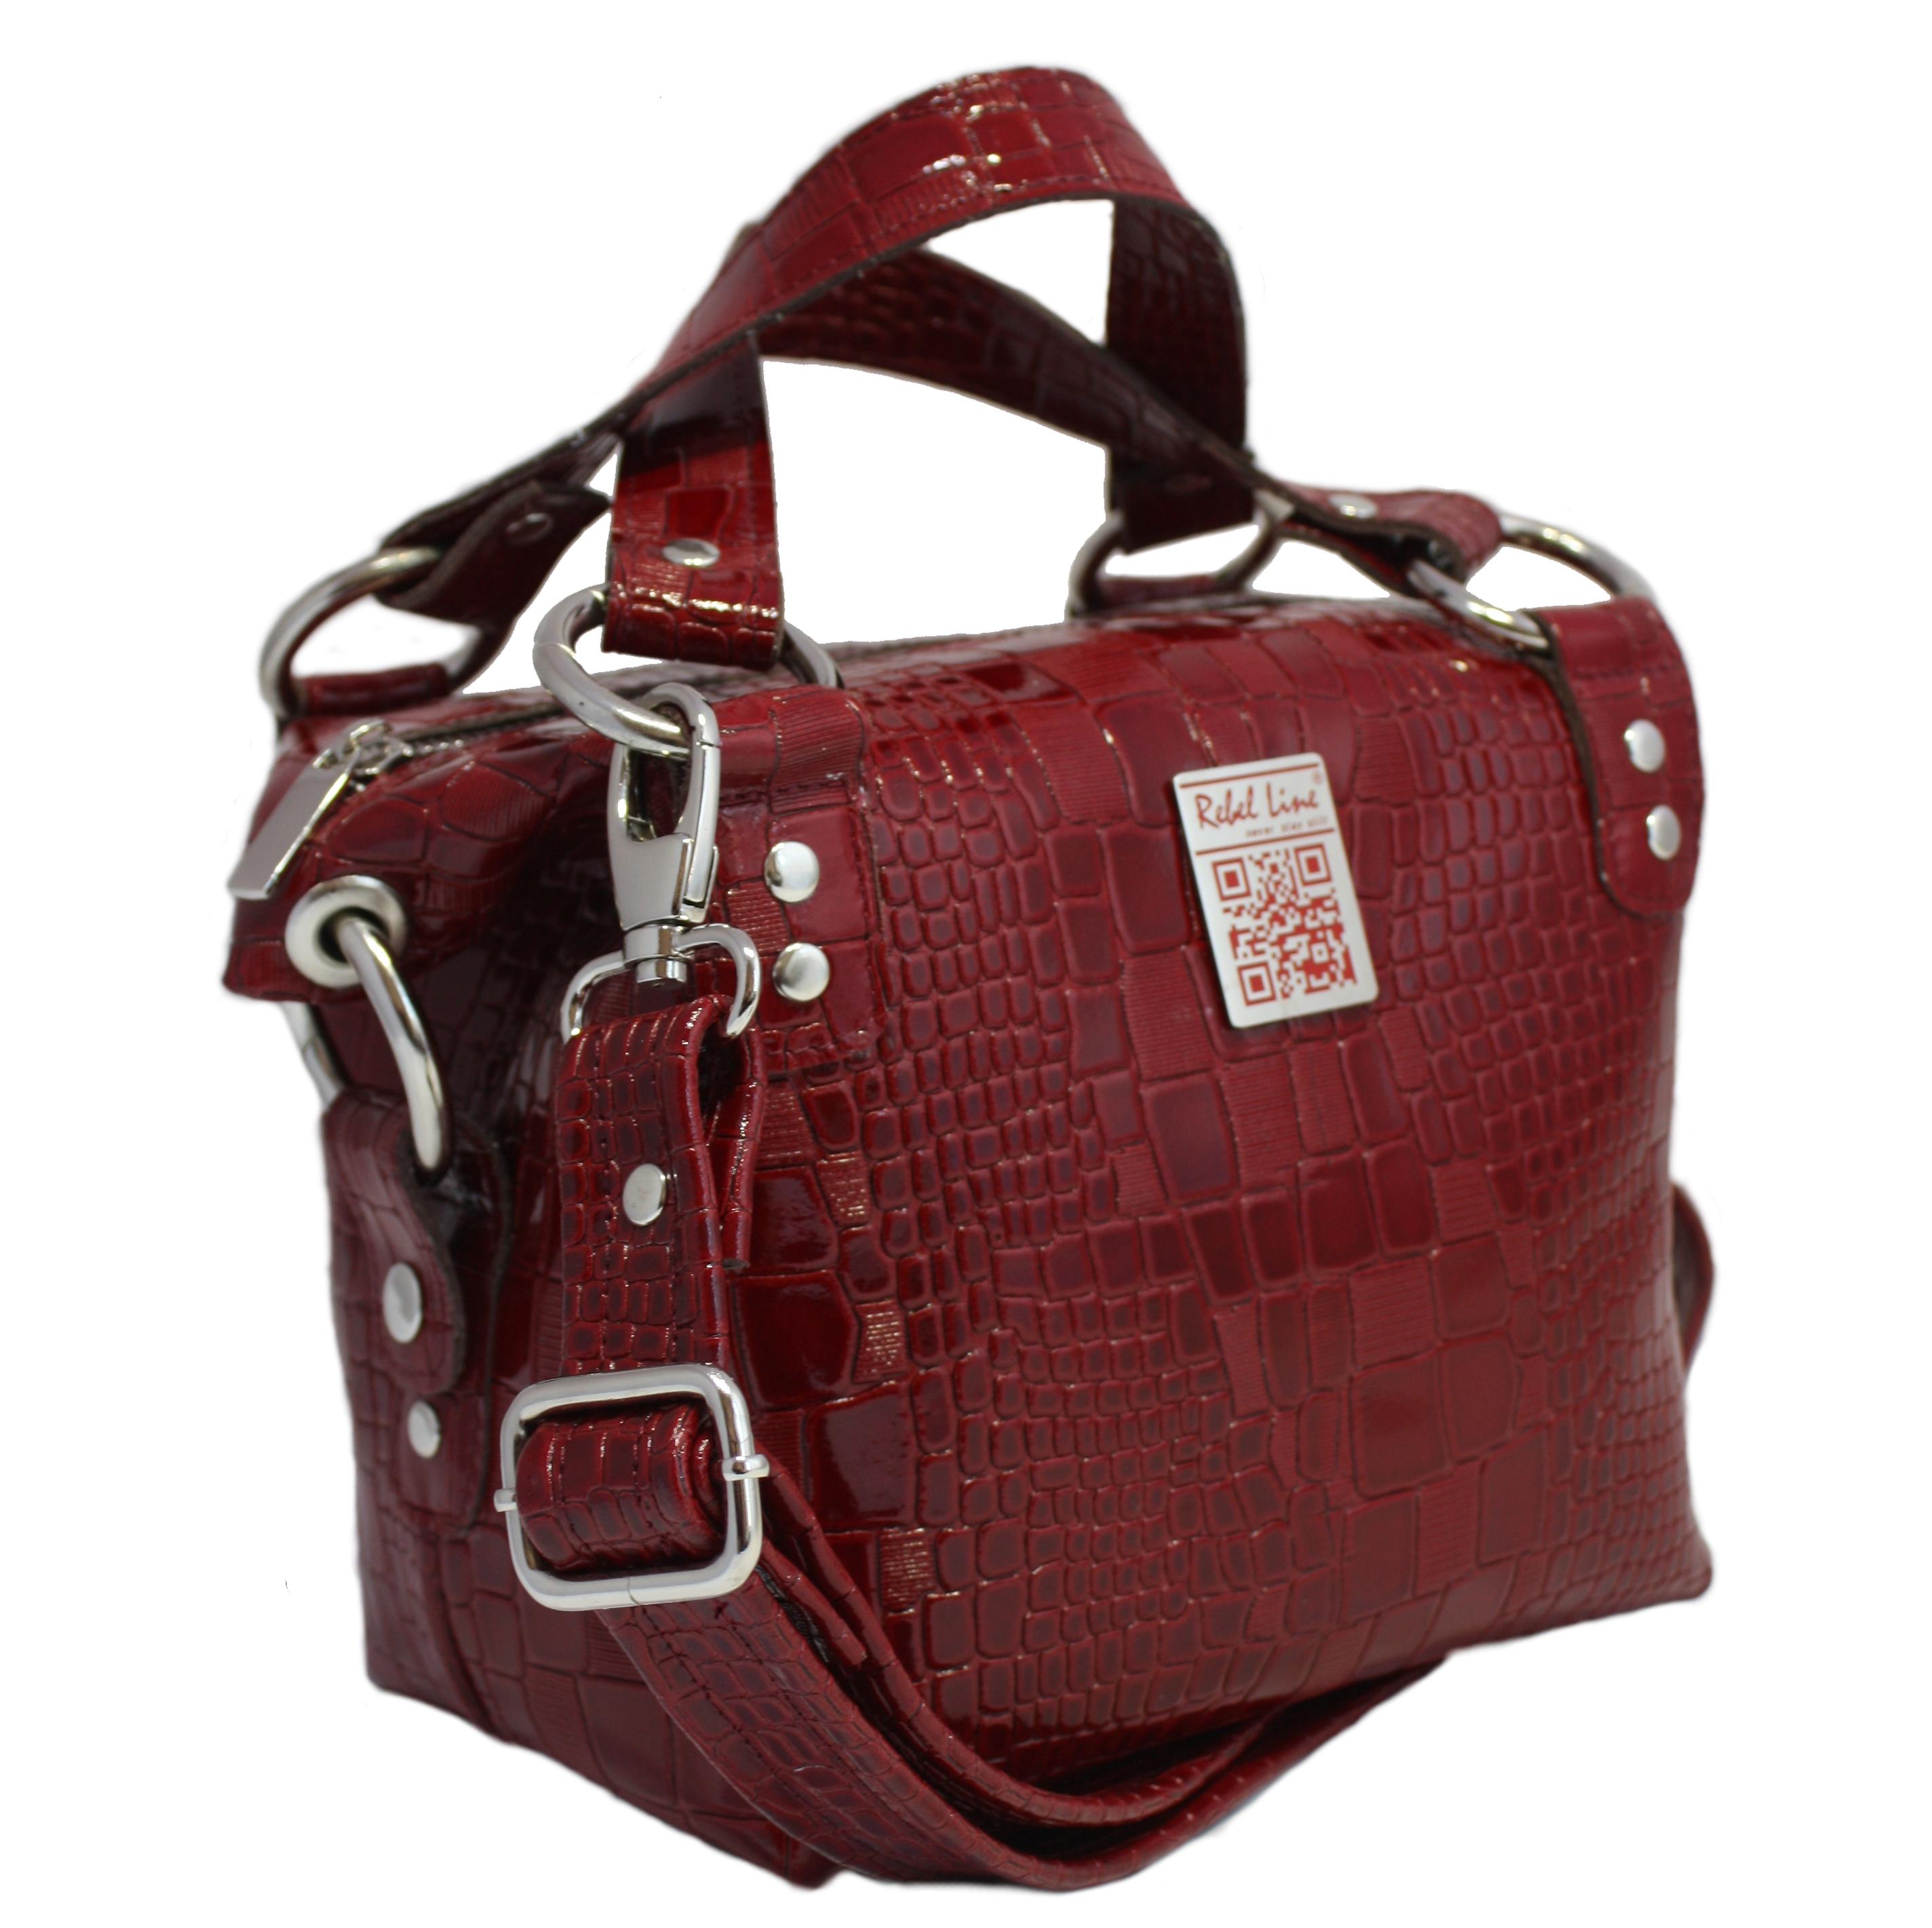 Begtamplates opracowuje szablony plecaków, toreb i portfeli dla kobiet i mężczyzn.